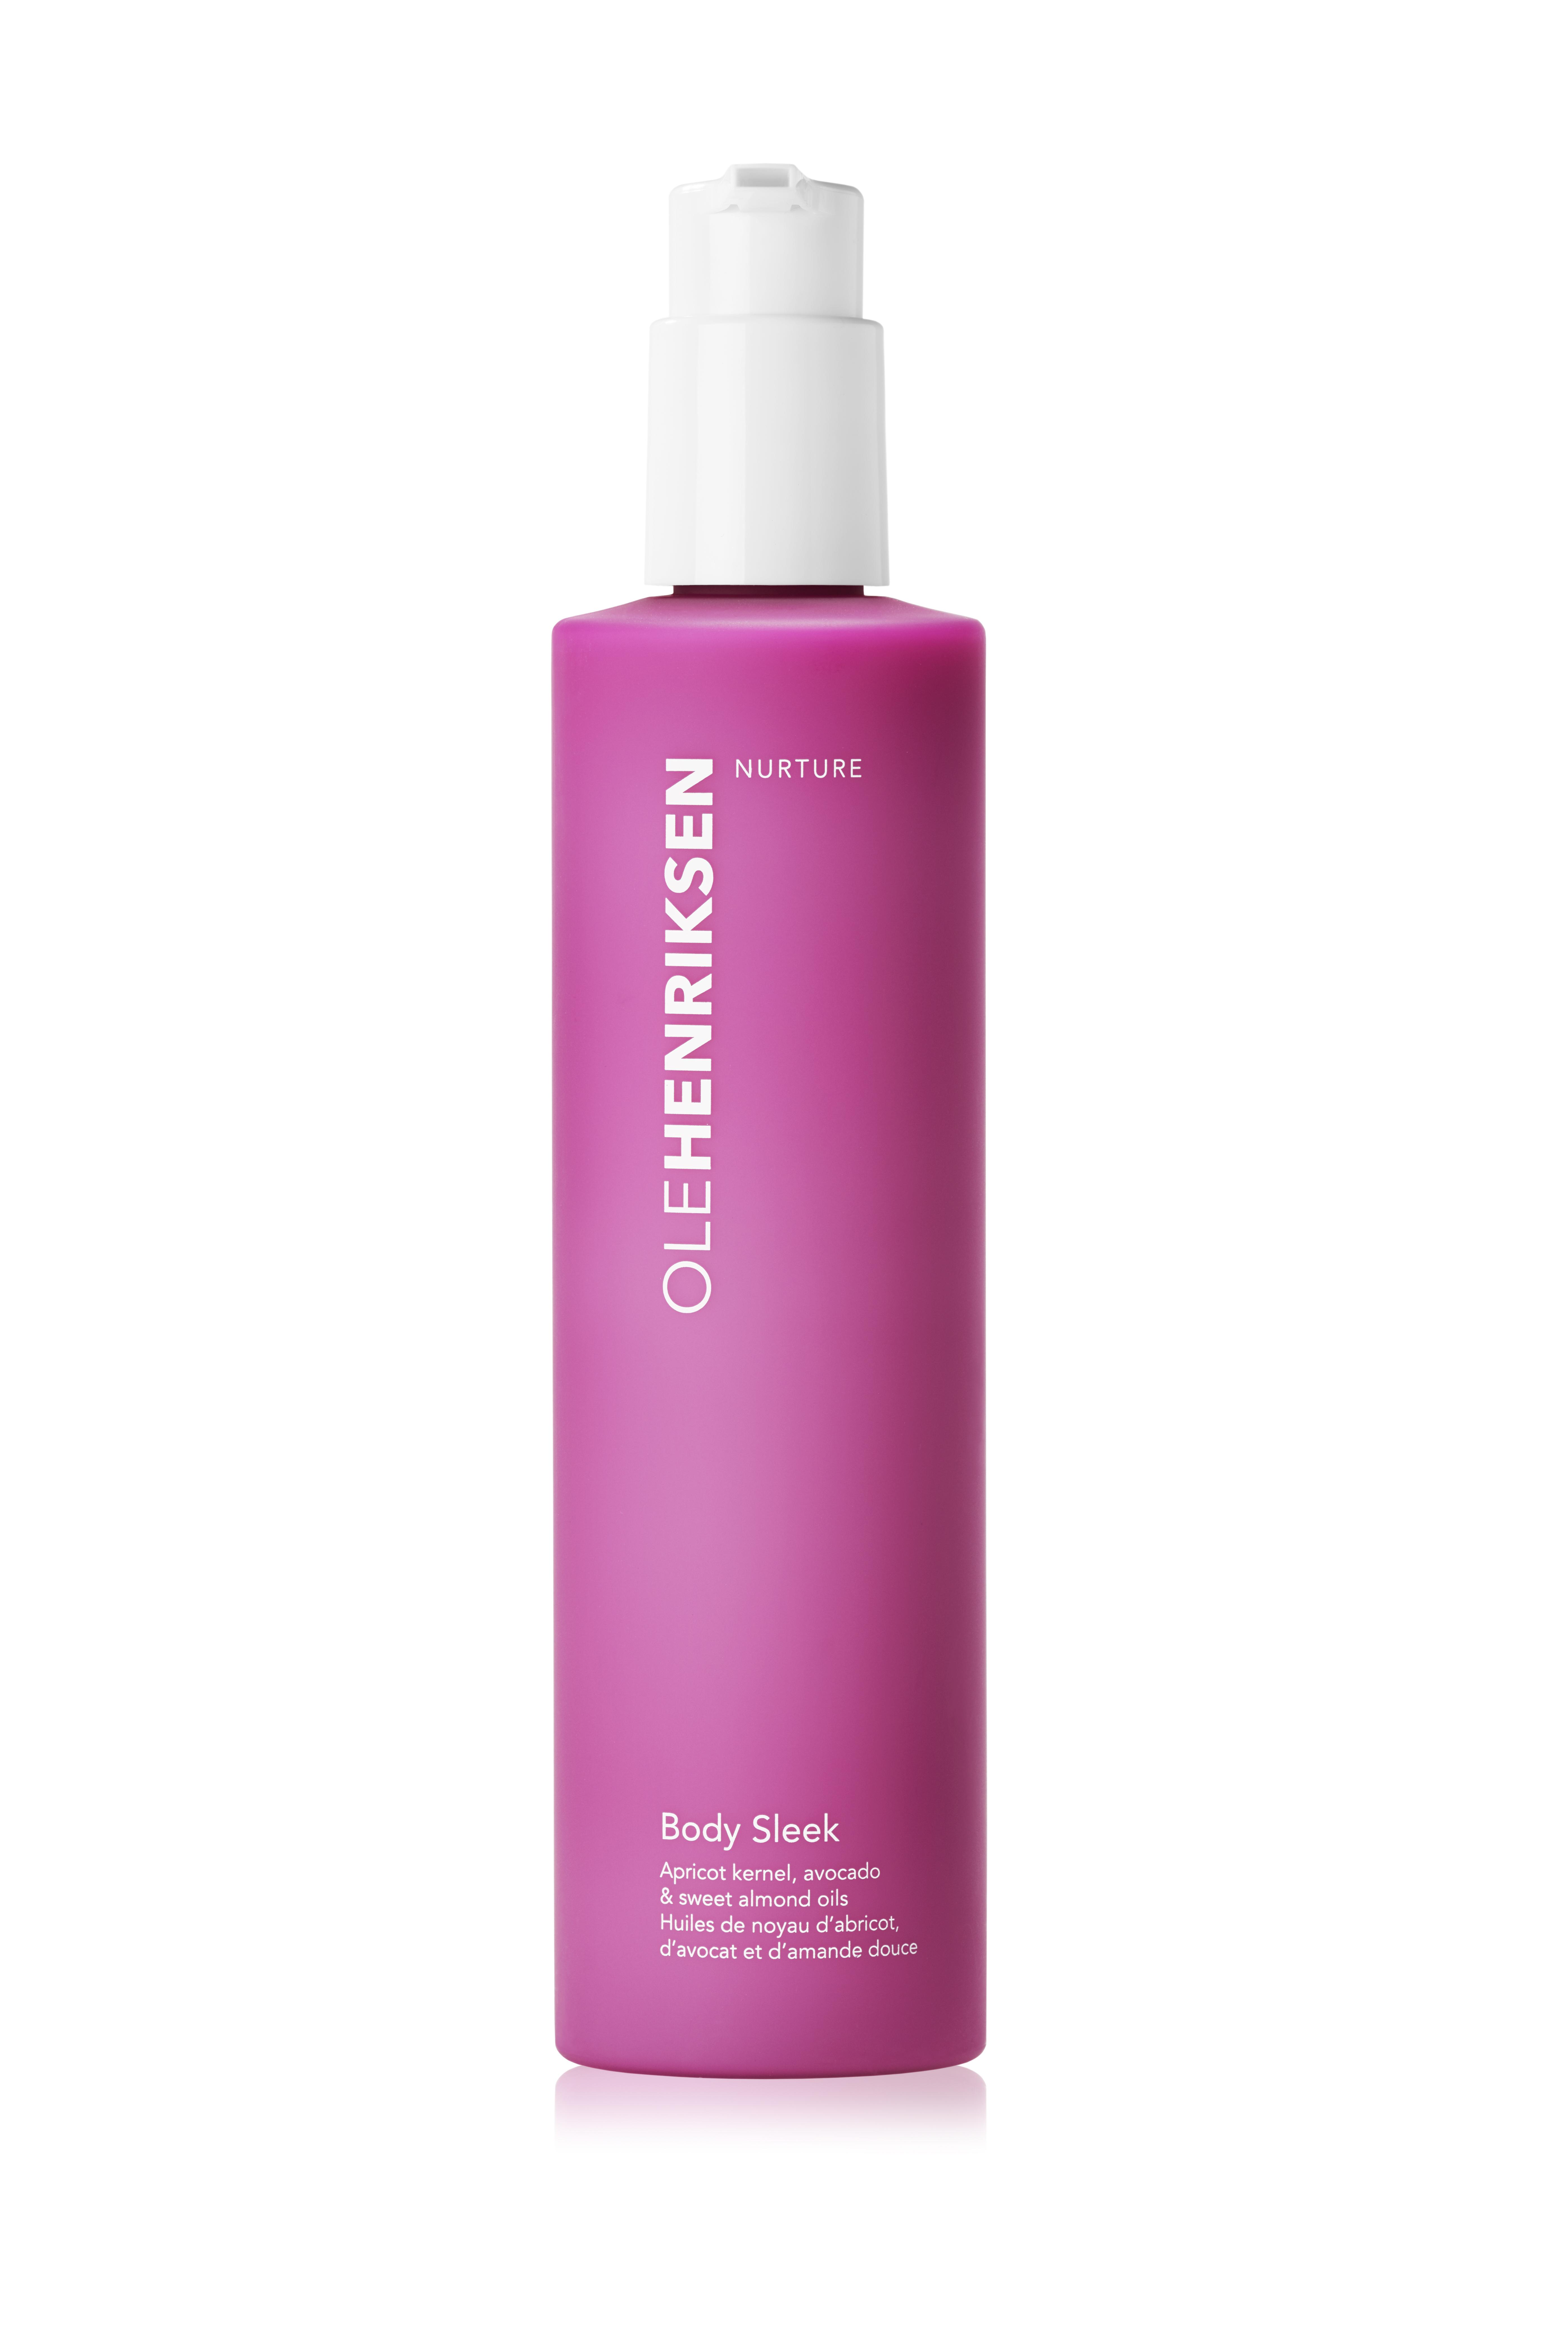 Ole Henriksen Nurture Body Sleek, 474 ml